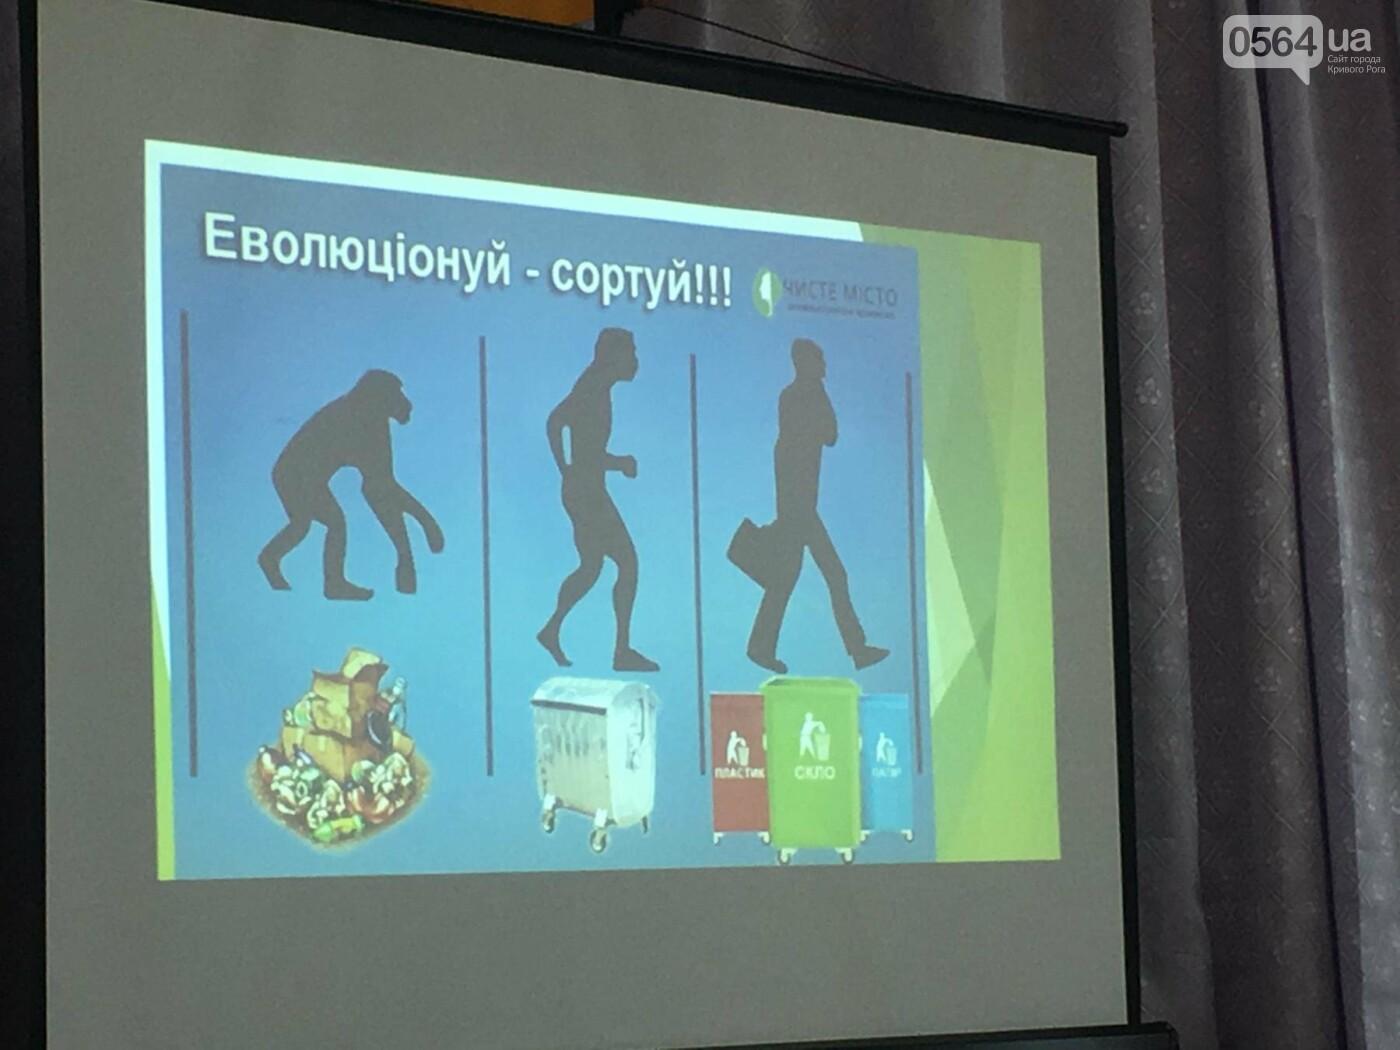 В Кривом Роге на одну экосознательную школу стало больше (ФОТО), фото-3